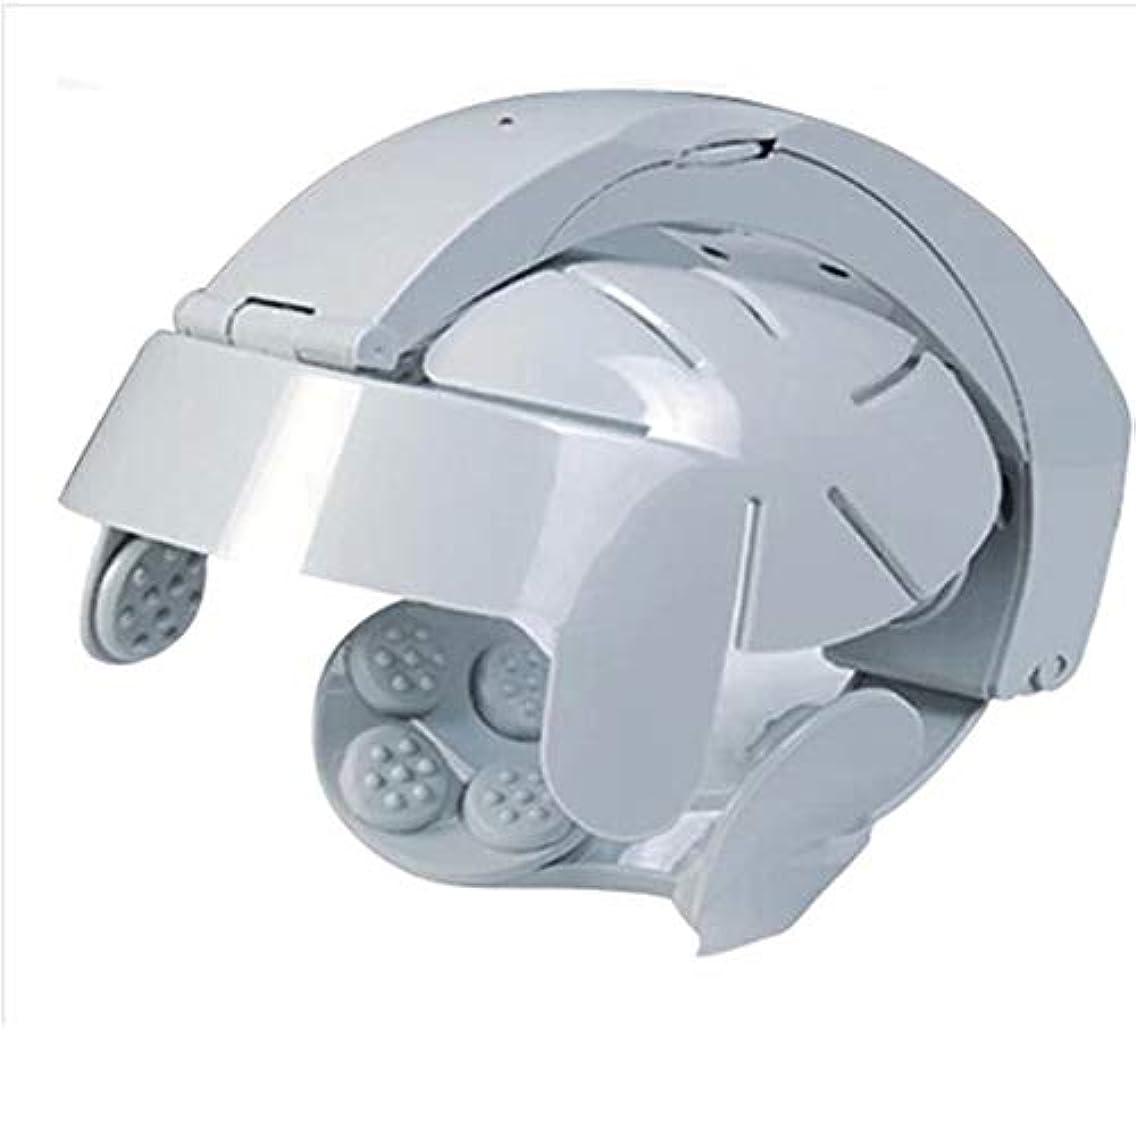 取り組む第四スクリューエレクトリック?ヘッドマッサージ脳マッサージヘルメット頭皮をリラックスストレスのために調節可能なサイズと8モードでツボをリラックス